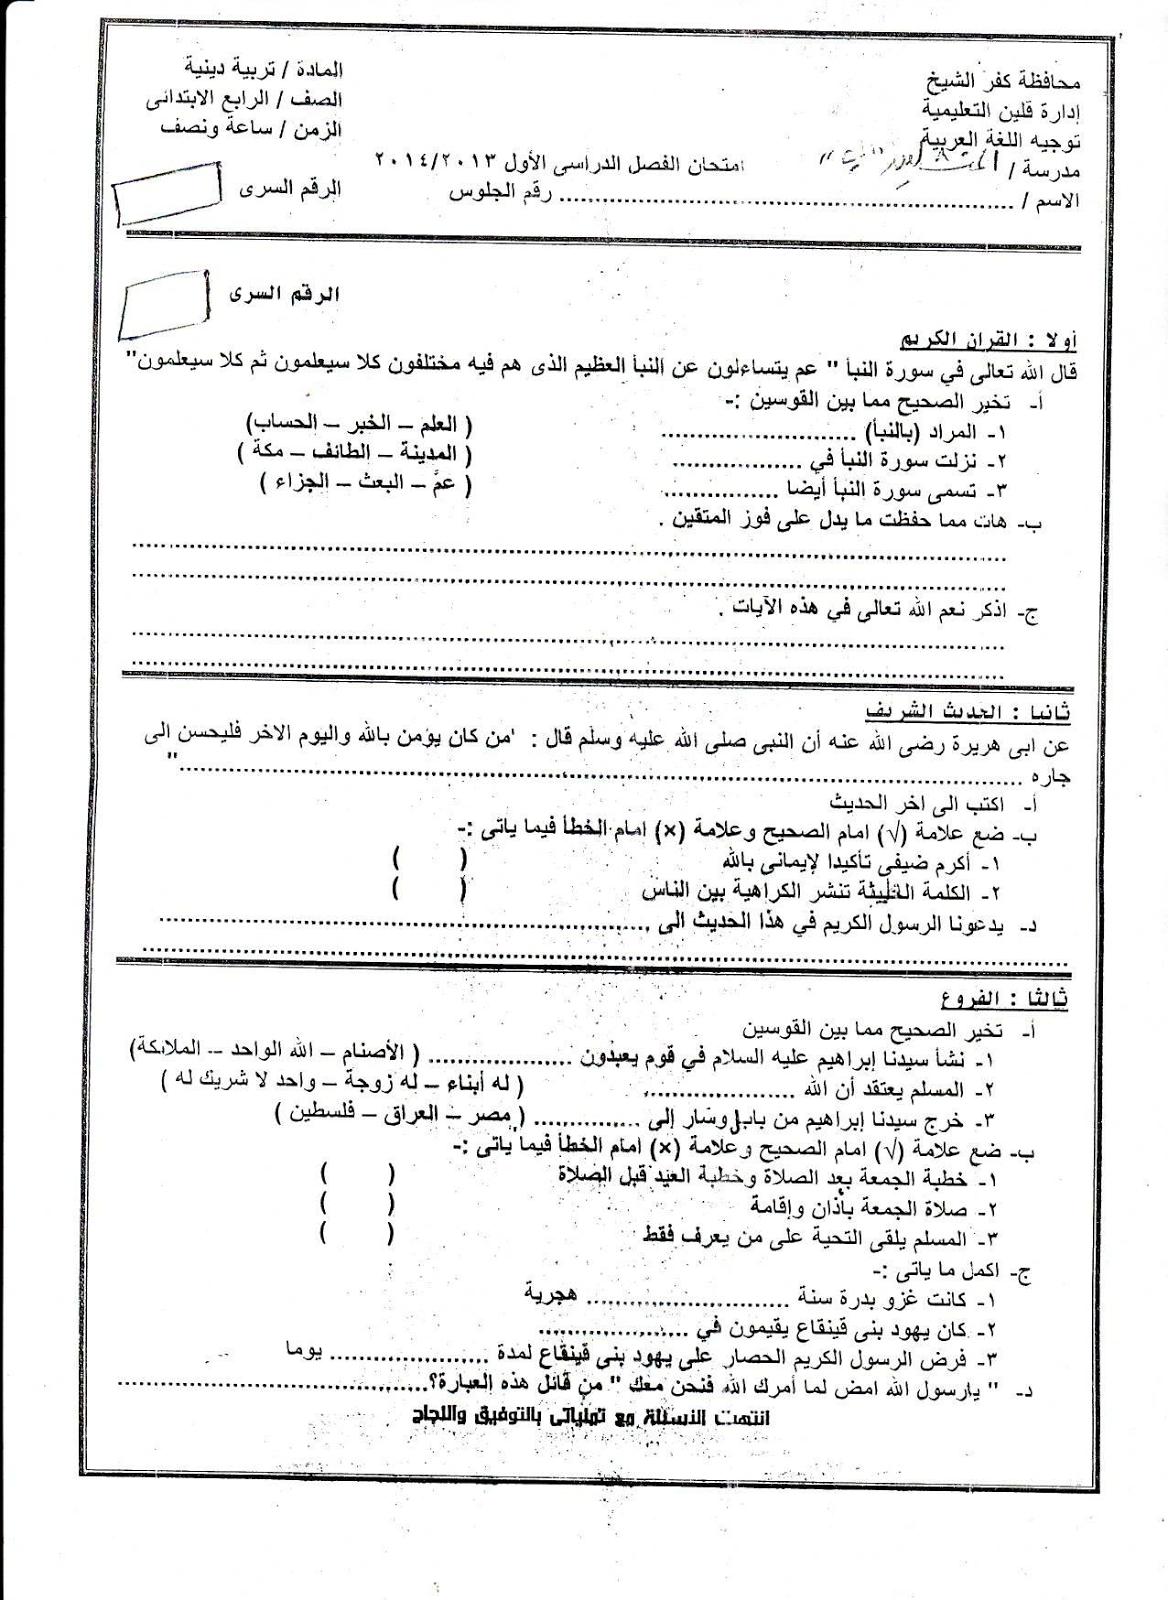 كتاب التربية الاسلامية للصف الرابع الابتدائي الازهري الترم الأول